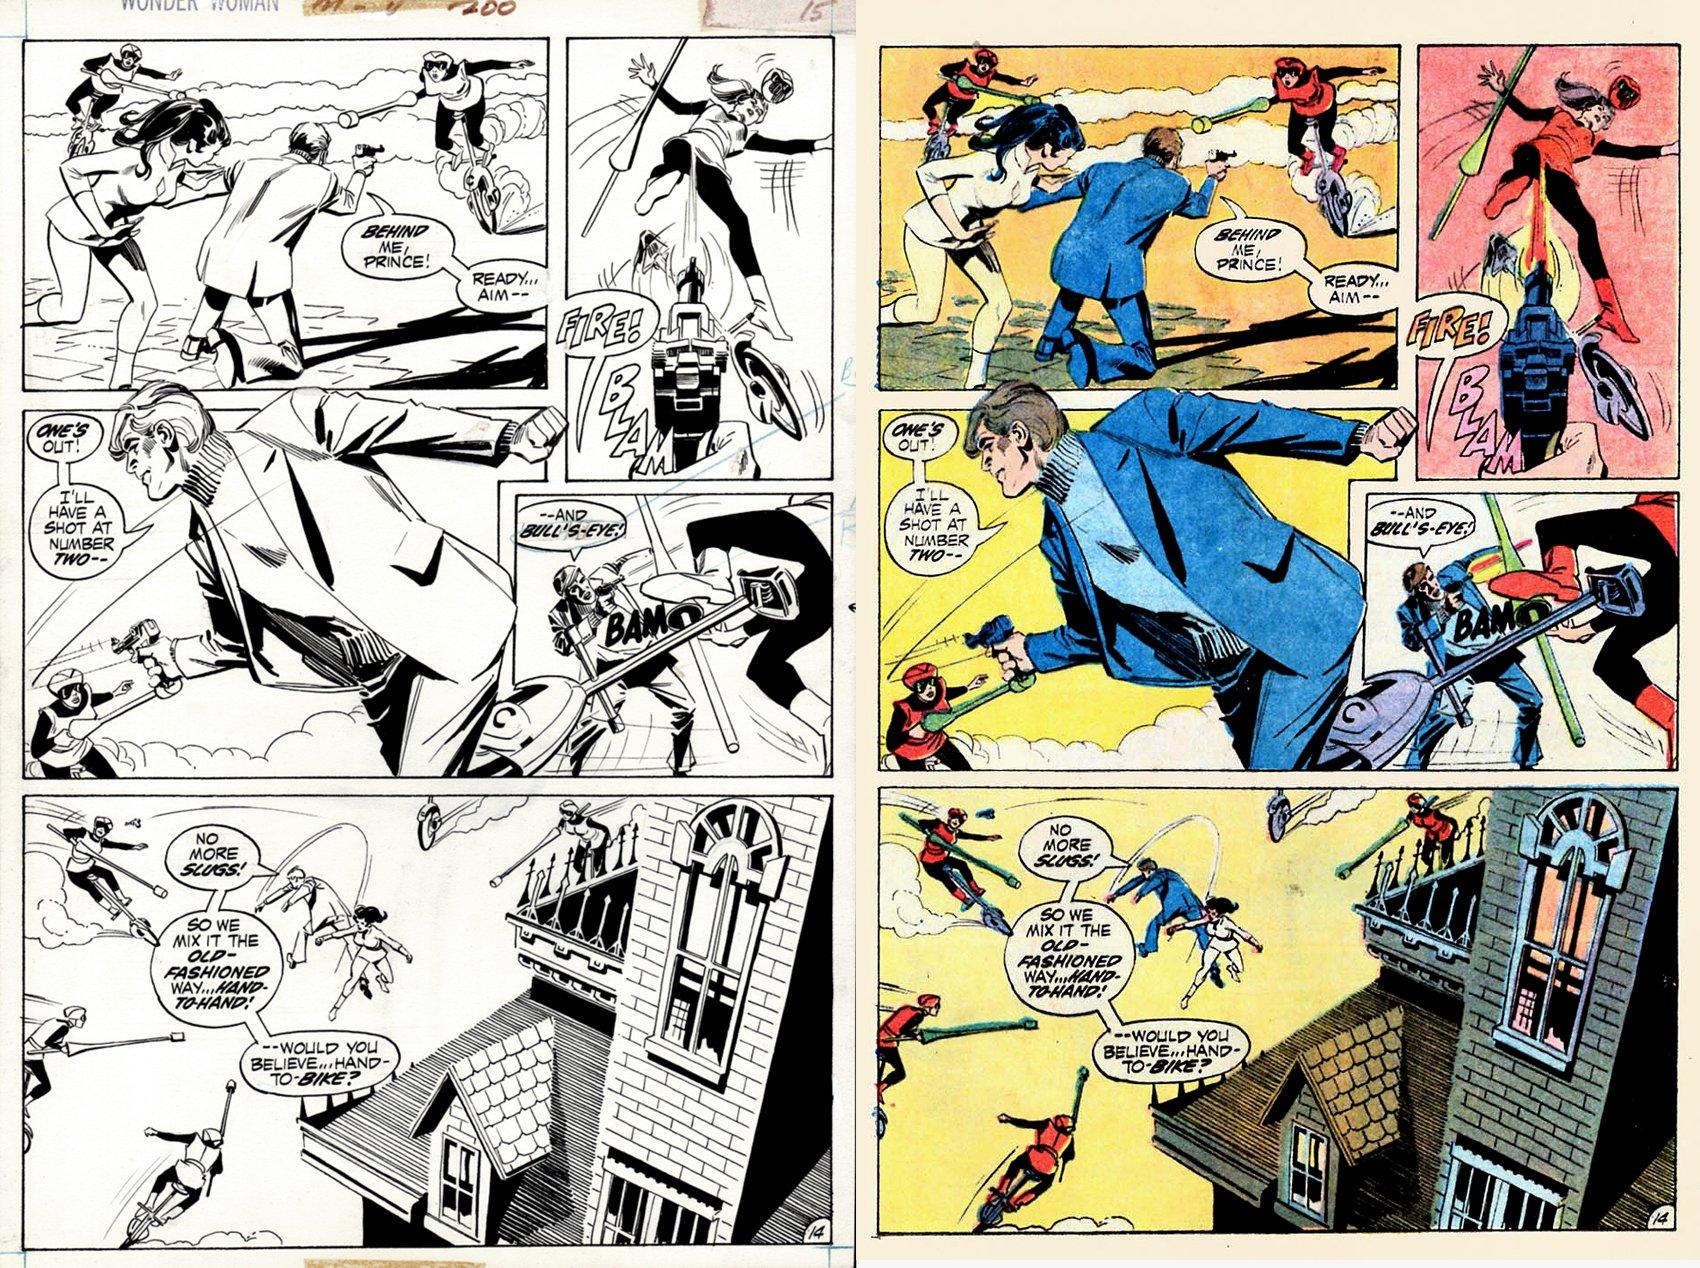 Wonder Woman #200 p 14 (Wonder Woman &Jonny Double Battle Doctor Cyber's Female Fighters!) 1972